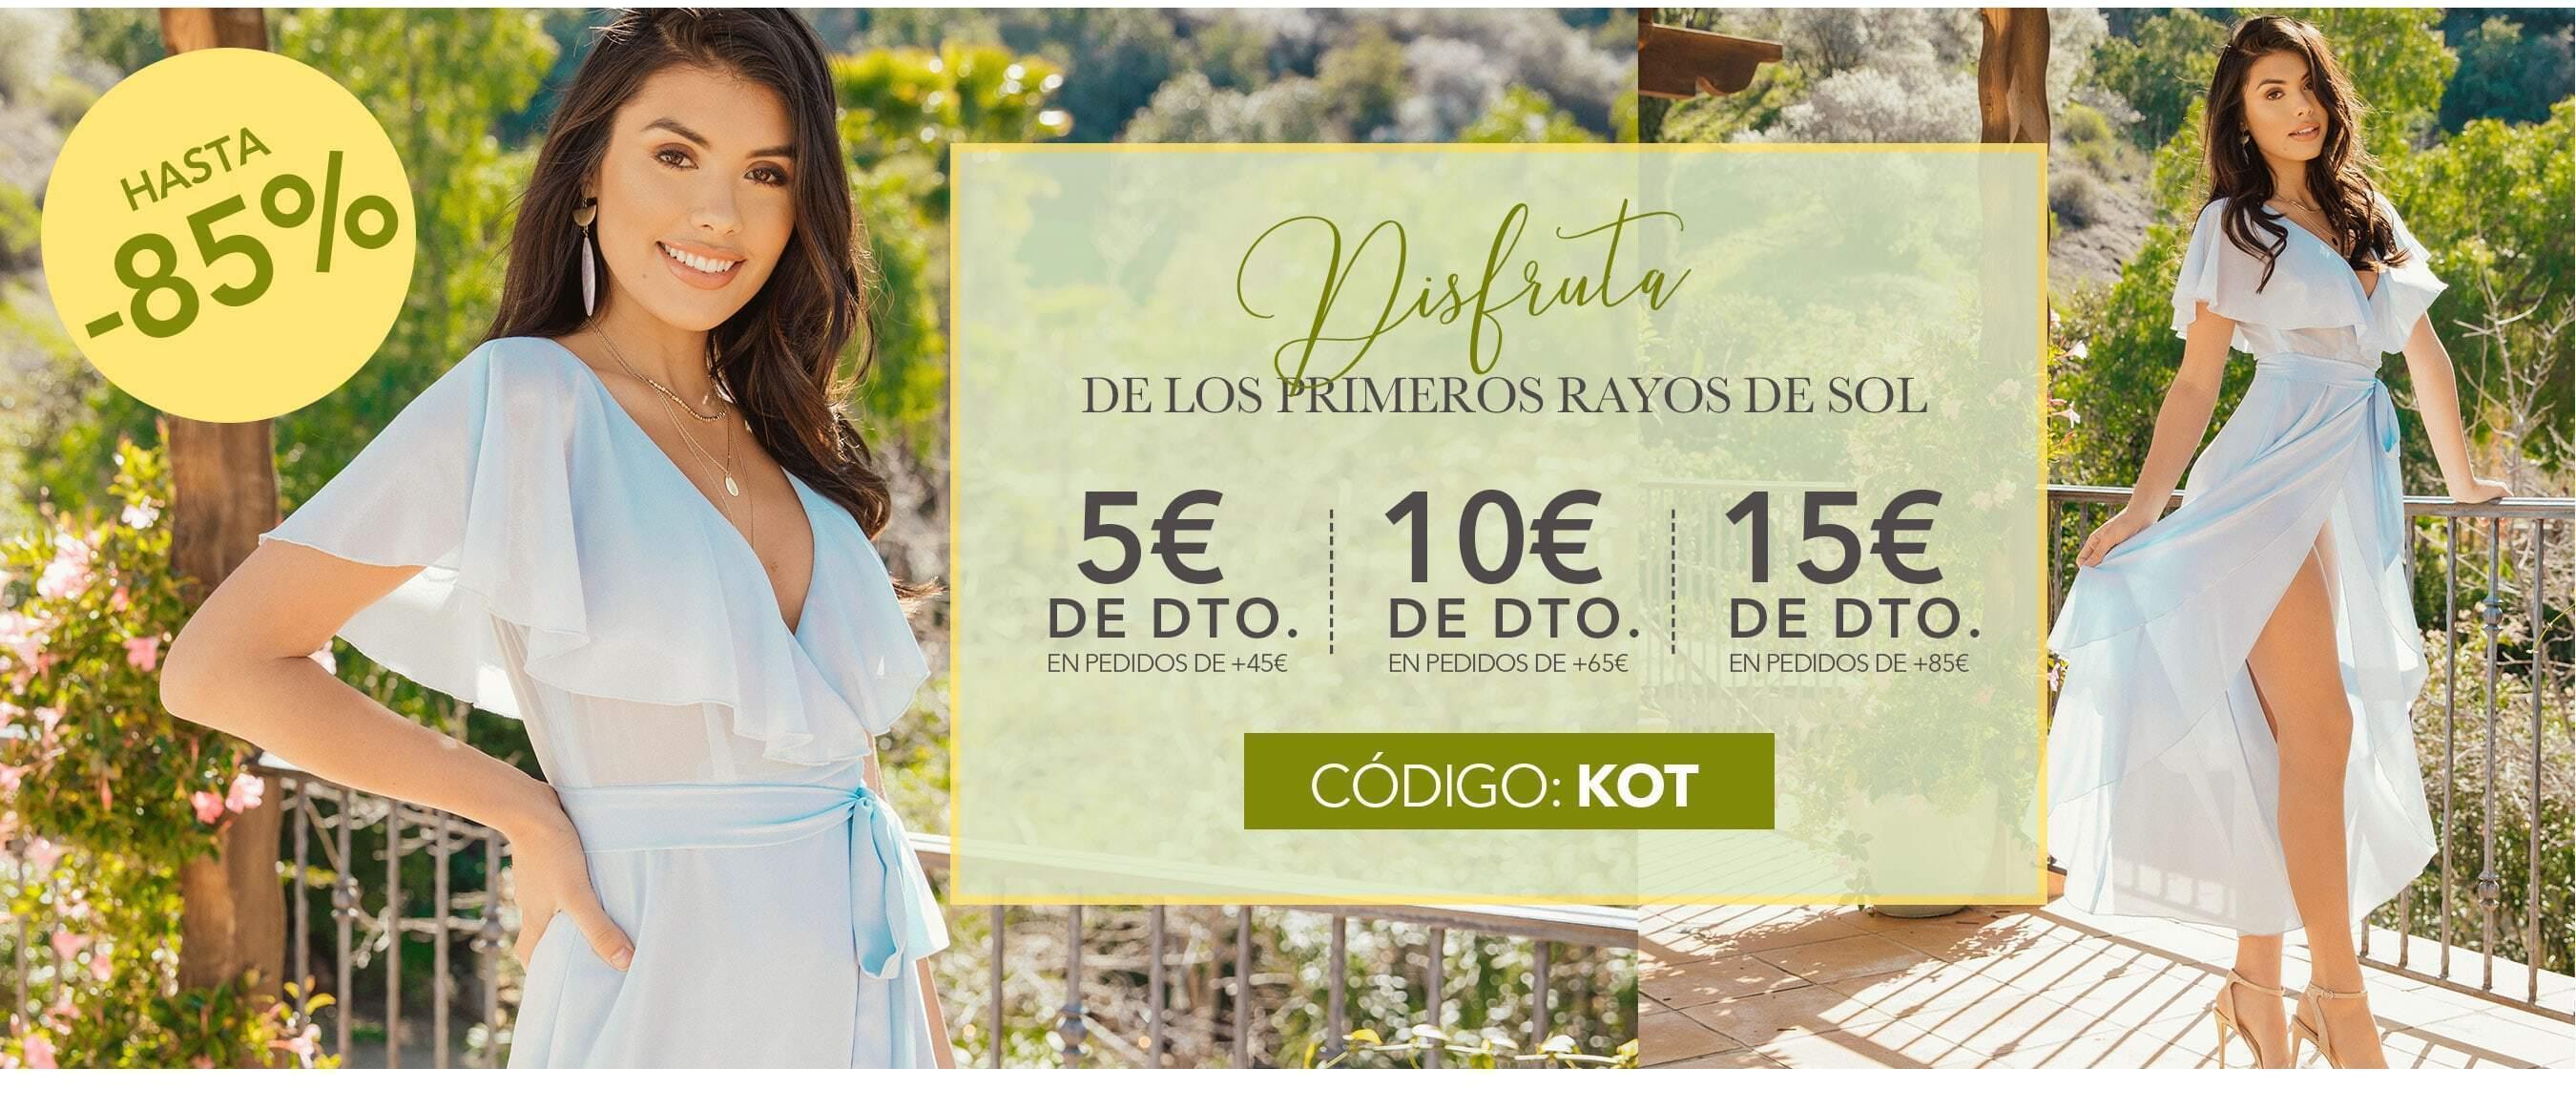 Ropa y moda de Mujer al mejor precio online  7e066f9d1c5